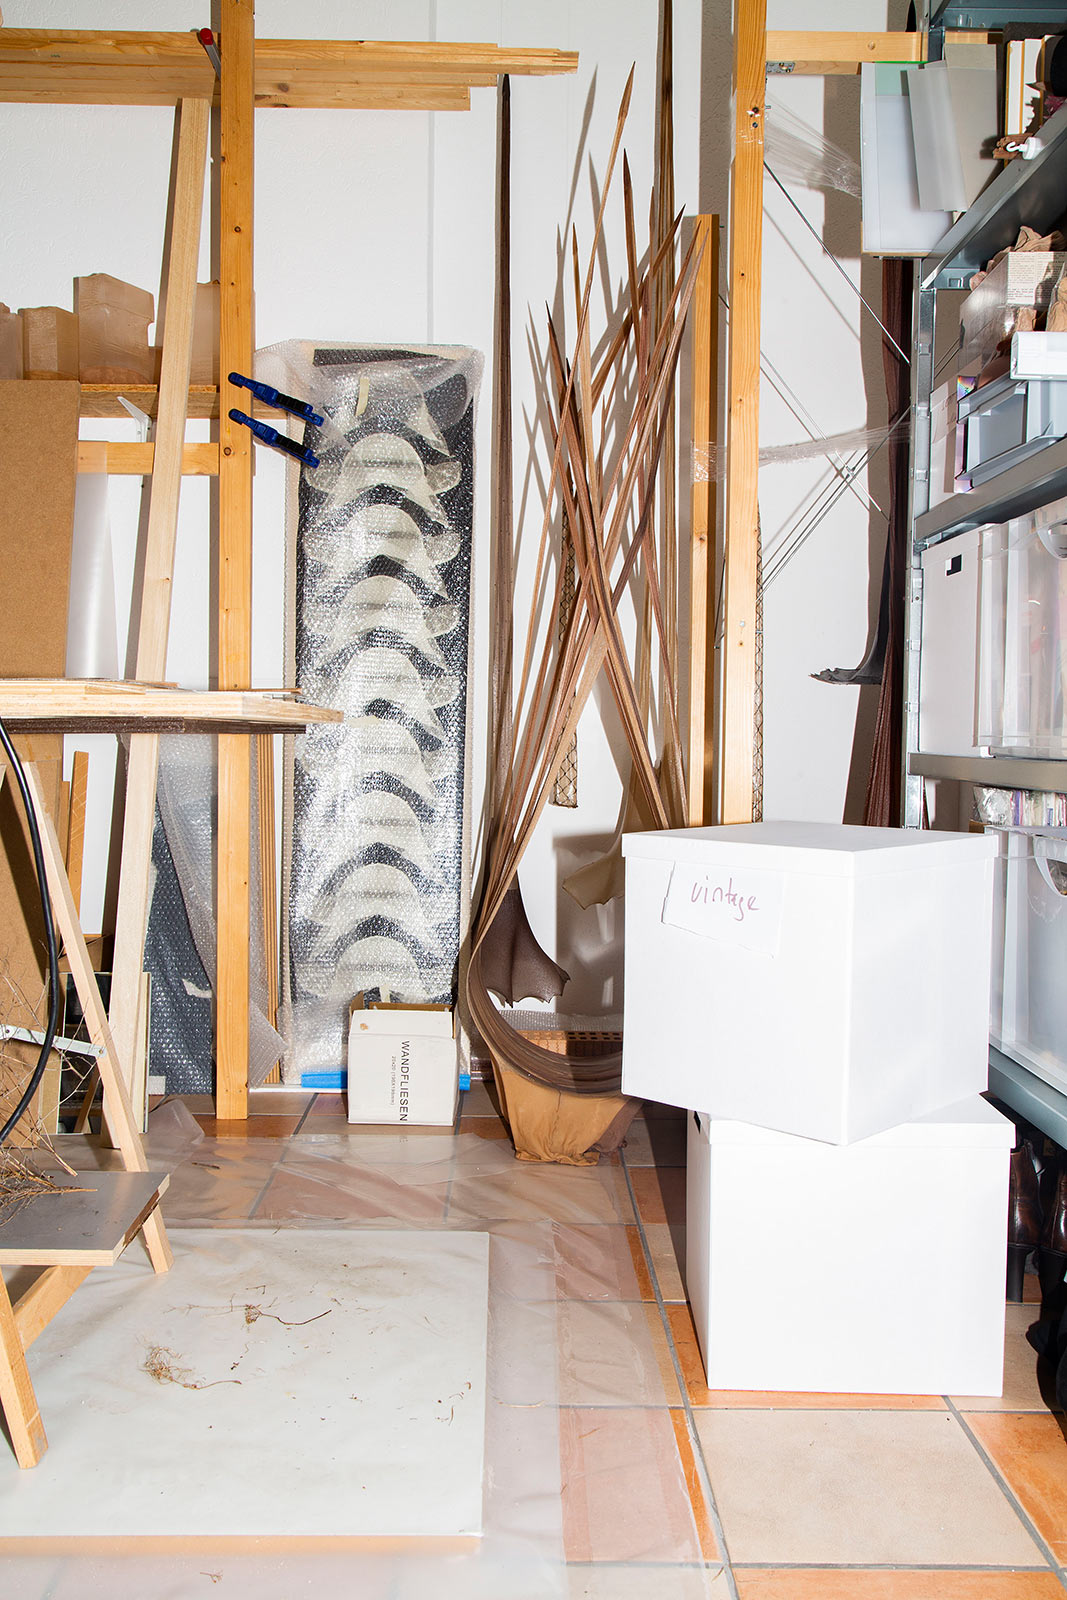 Atelieransicht mit gelagerten Objekten und Kisten mit Strumpfhosen